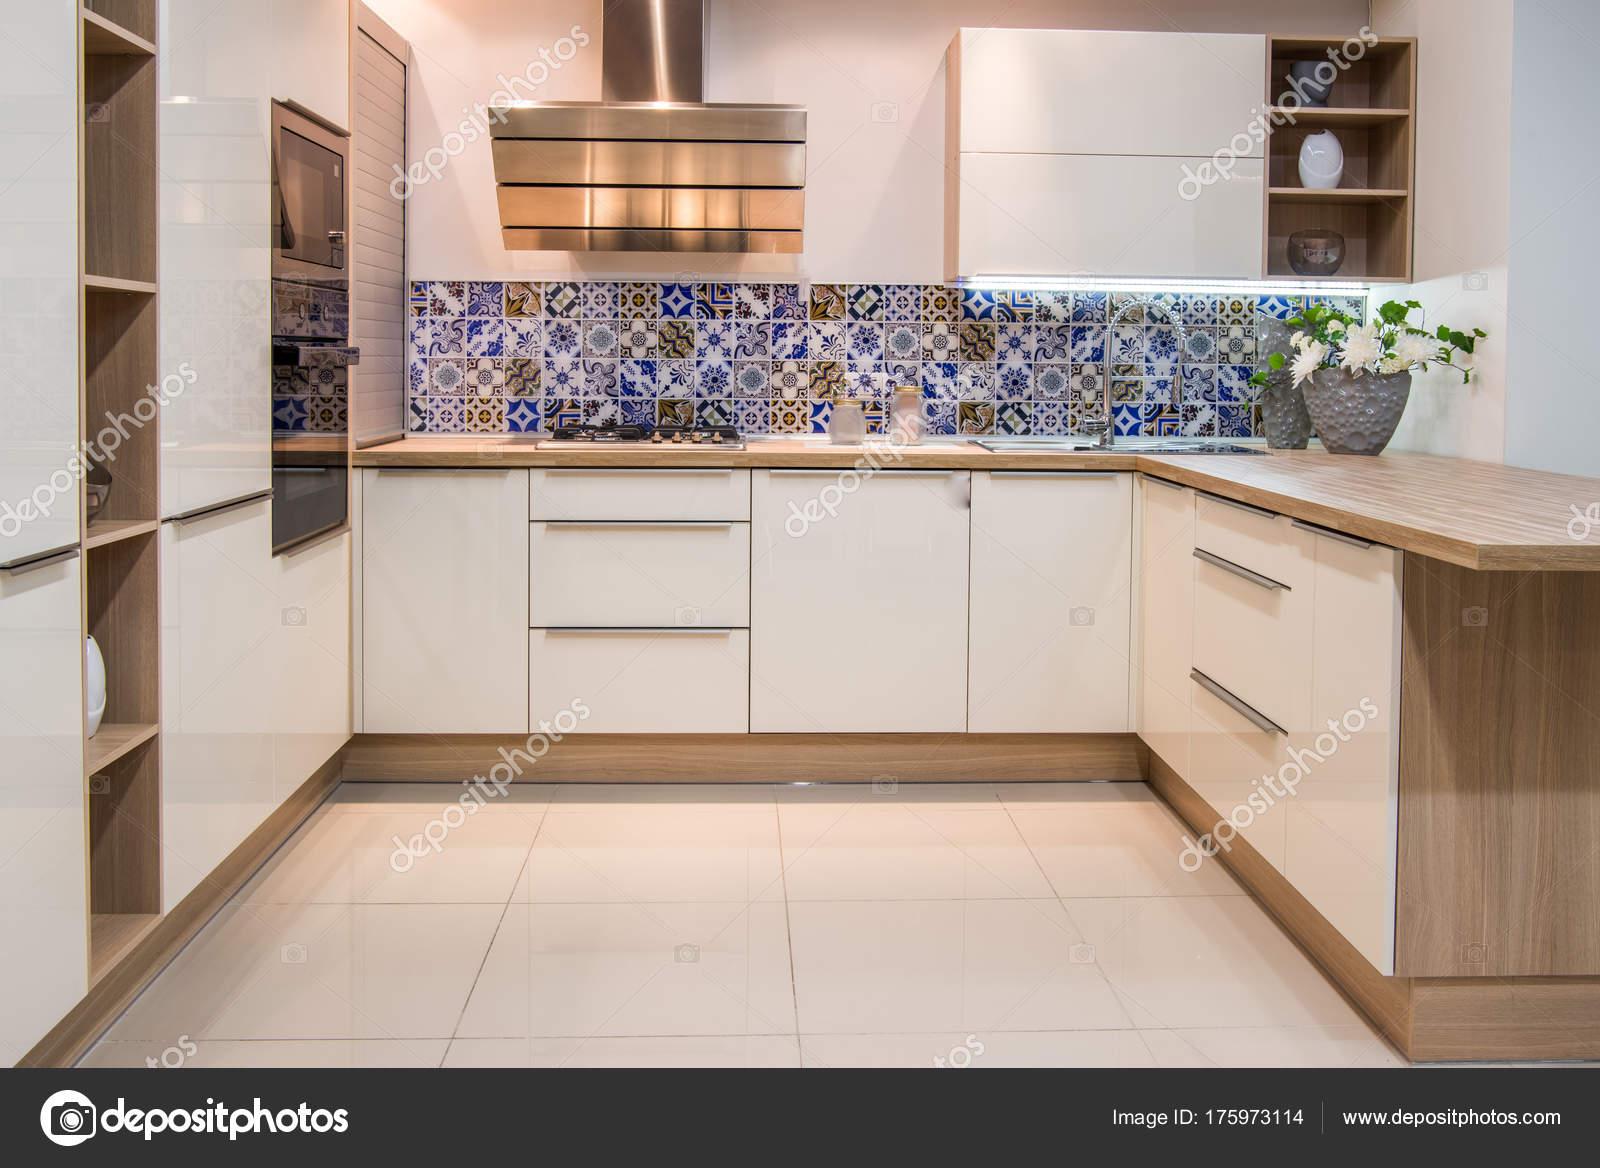 Stunning mobili della cucina contemporary ideas design - Mobili della cucina ...